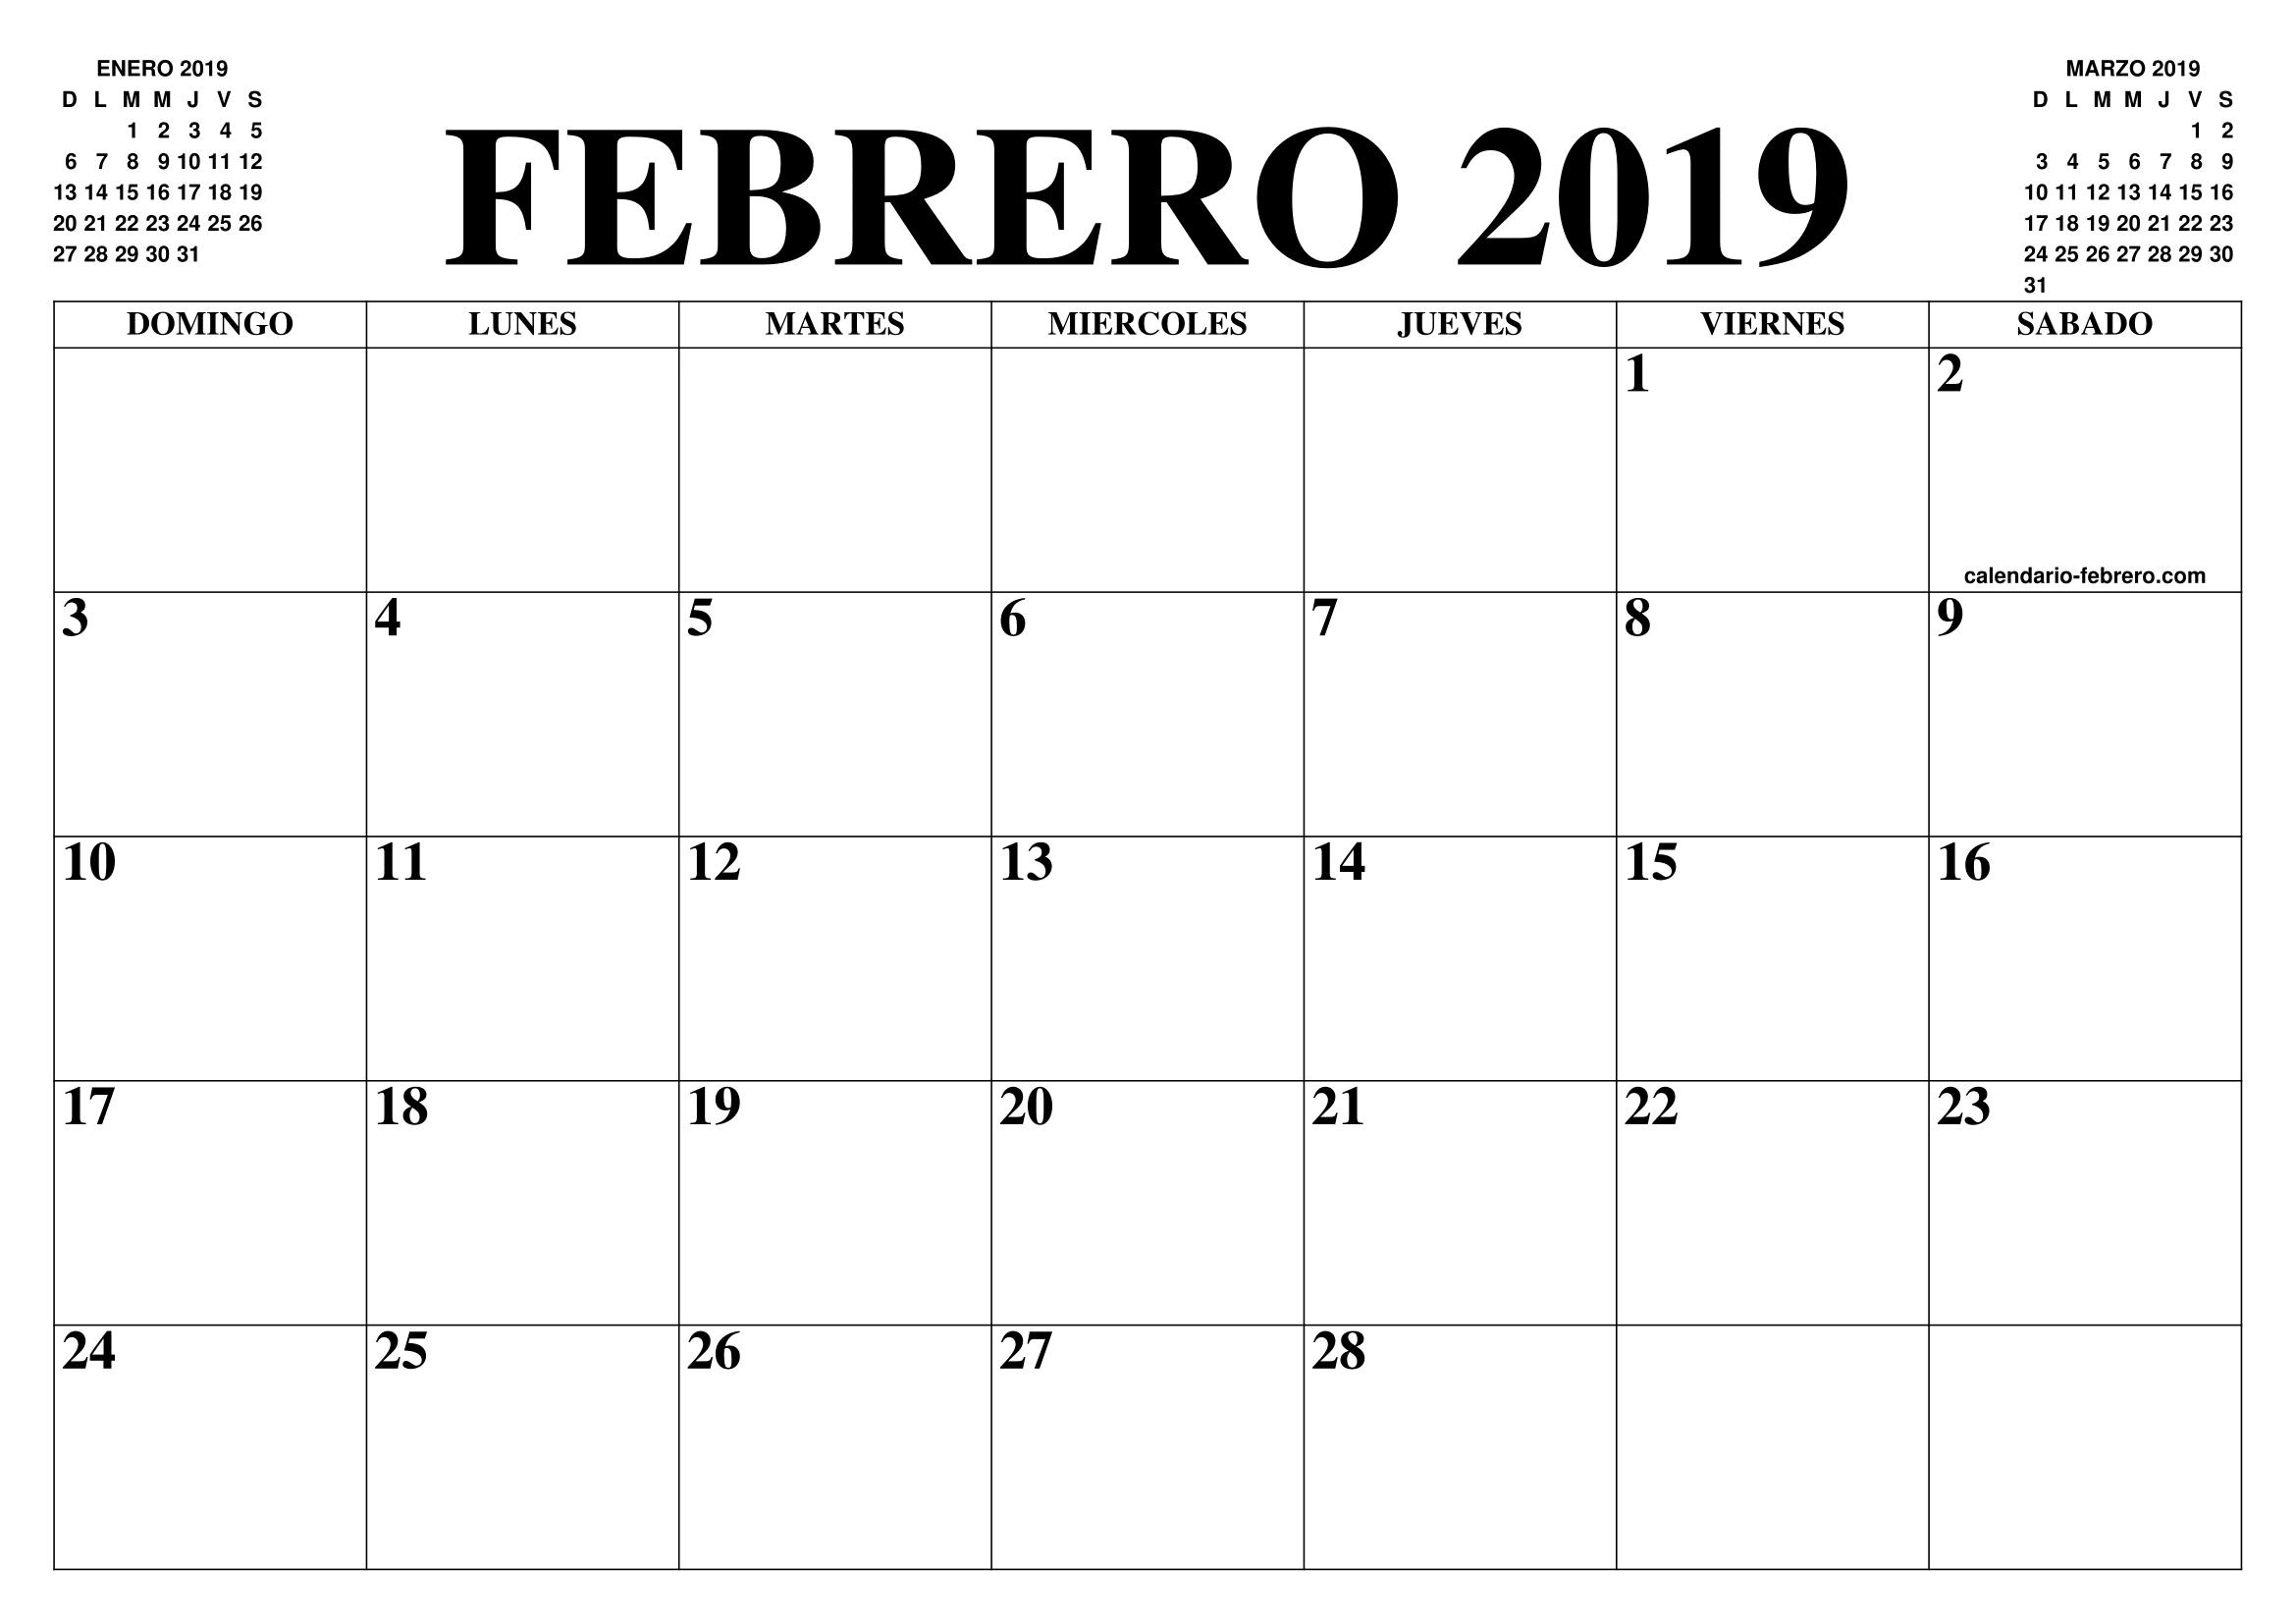 Calendario Imprimir Abril 2019.Calendario Febrero 2019 2020 El Calendario Febrero 2019 2020